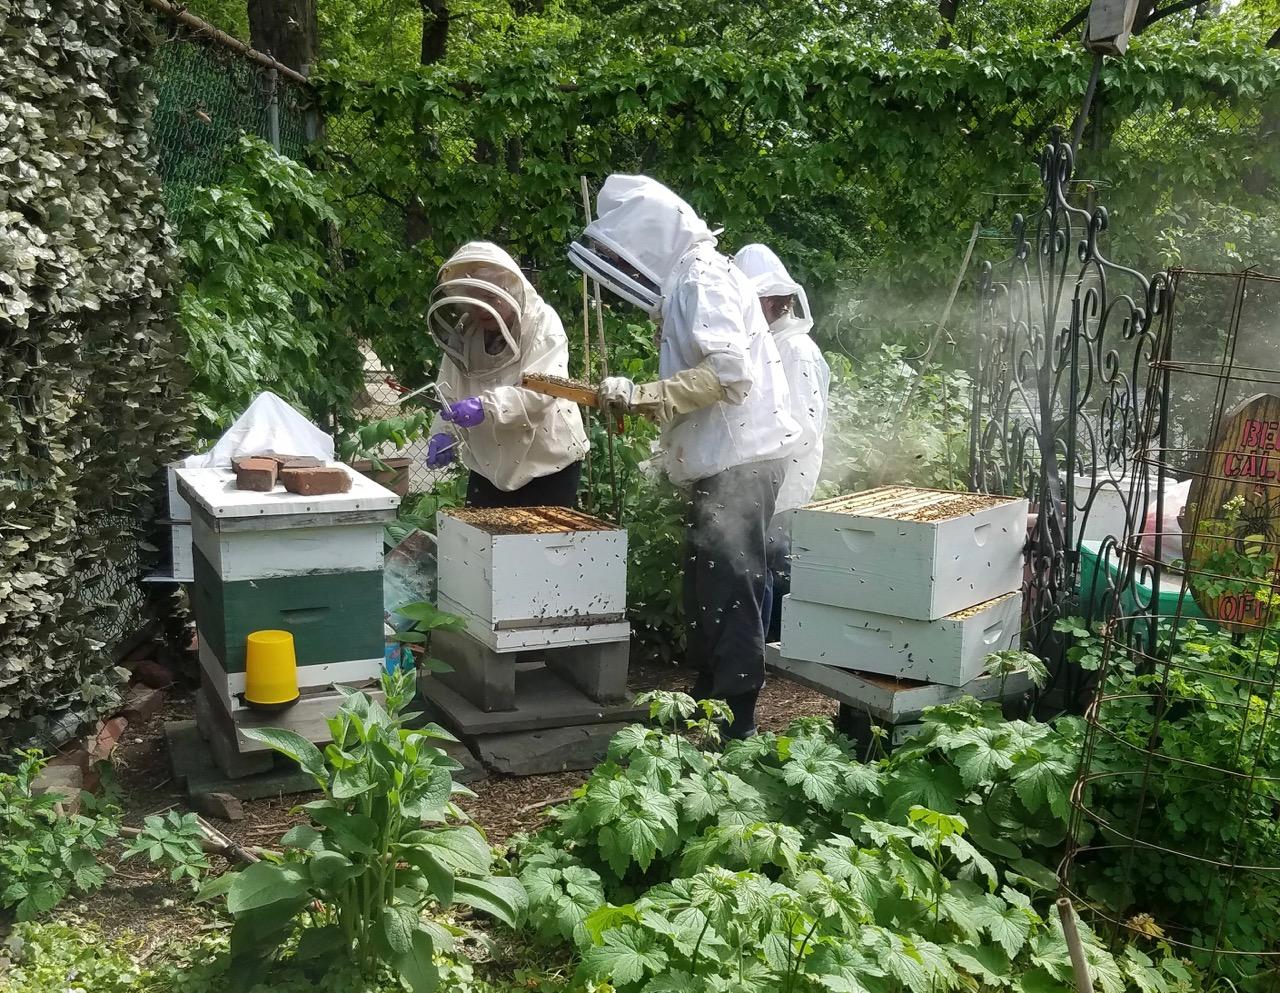 LaGuardia Corner Garden - Community Gardening in NY at its